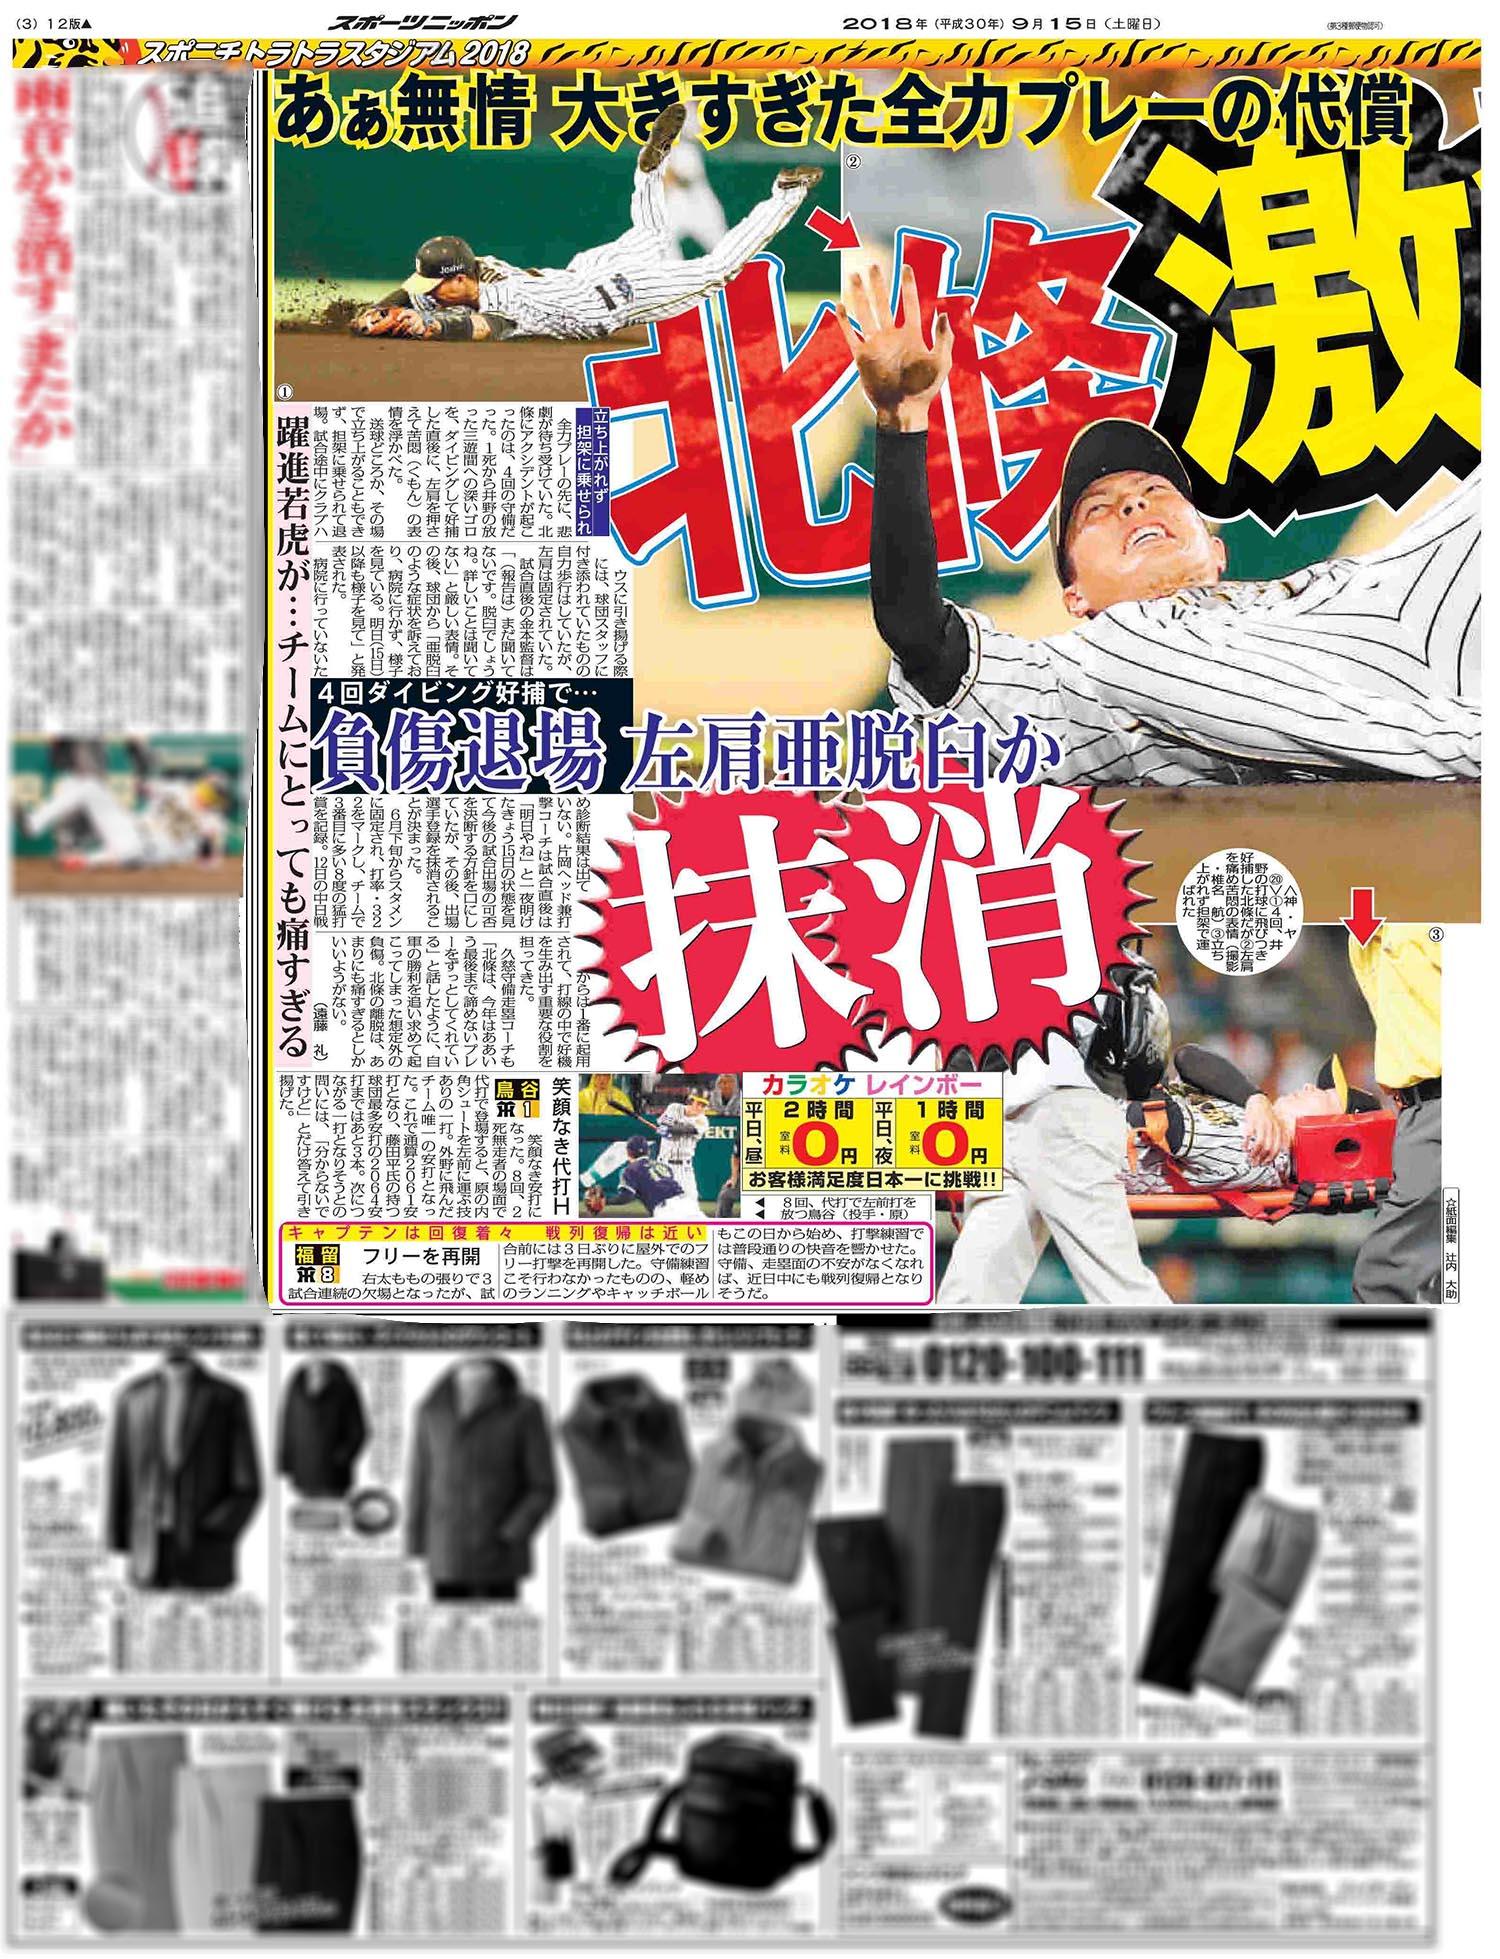 左肩の亜脱臼で戦線離脱となった北條史也 ©スポーツニッポン